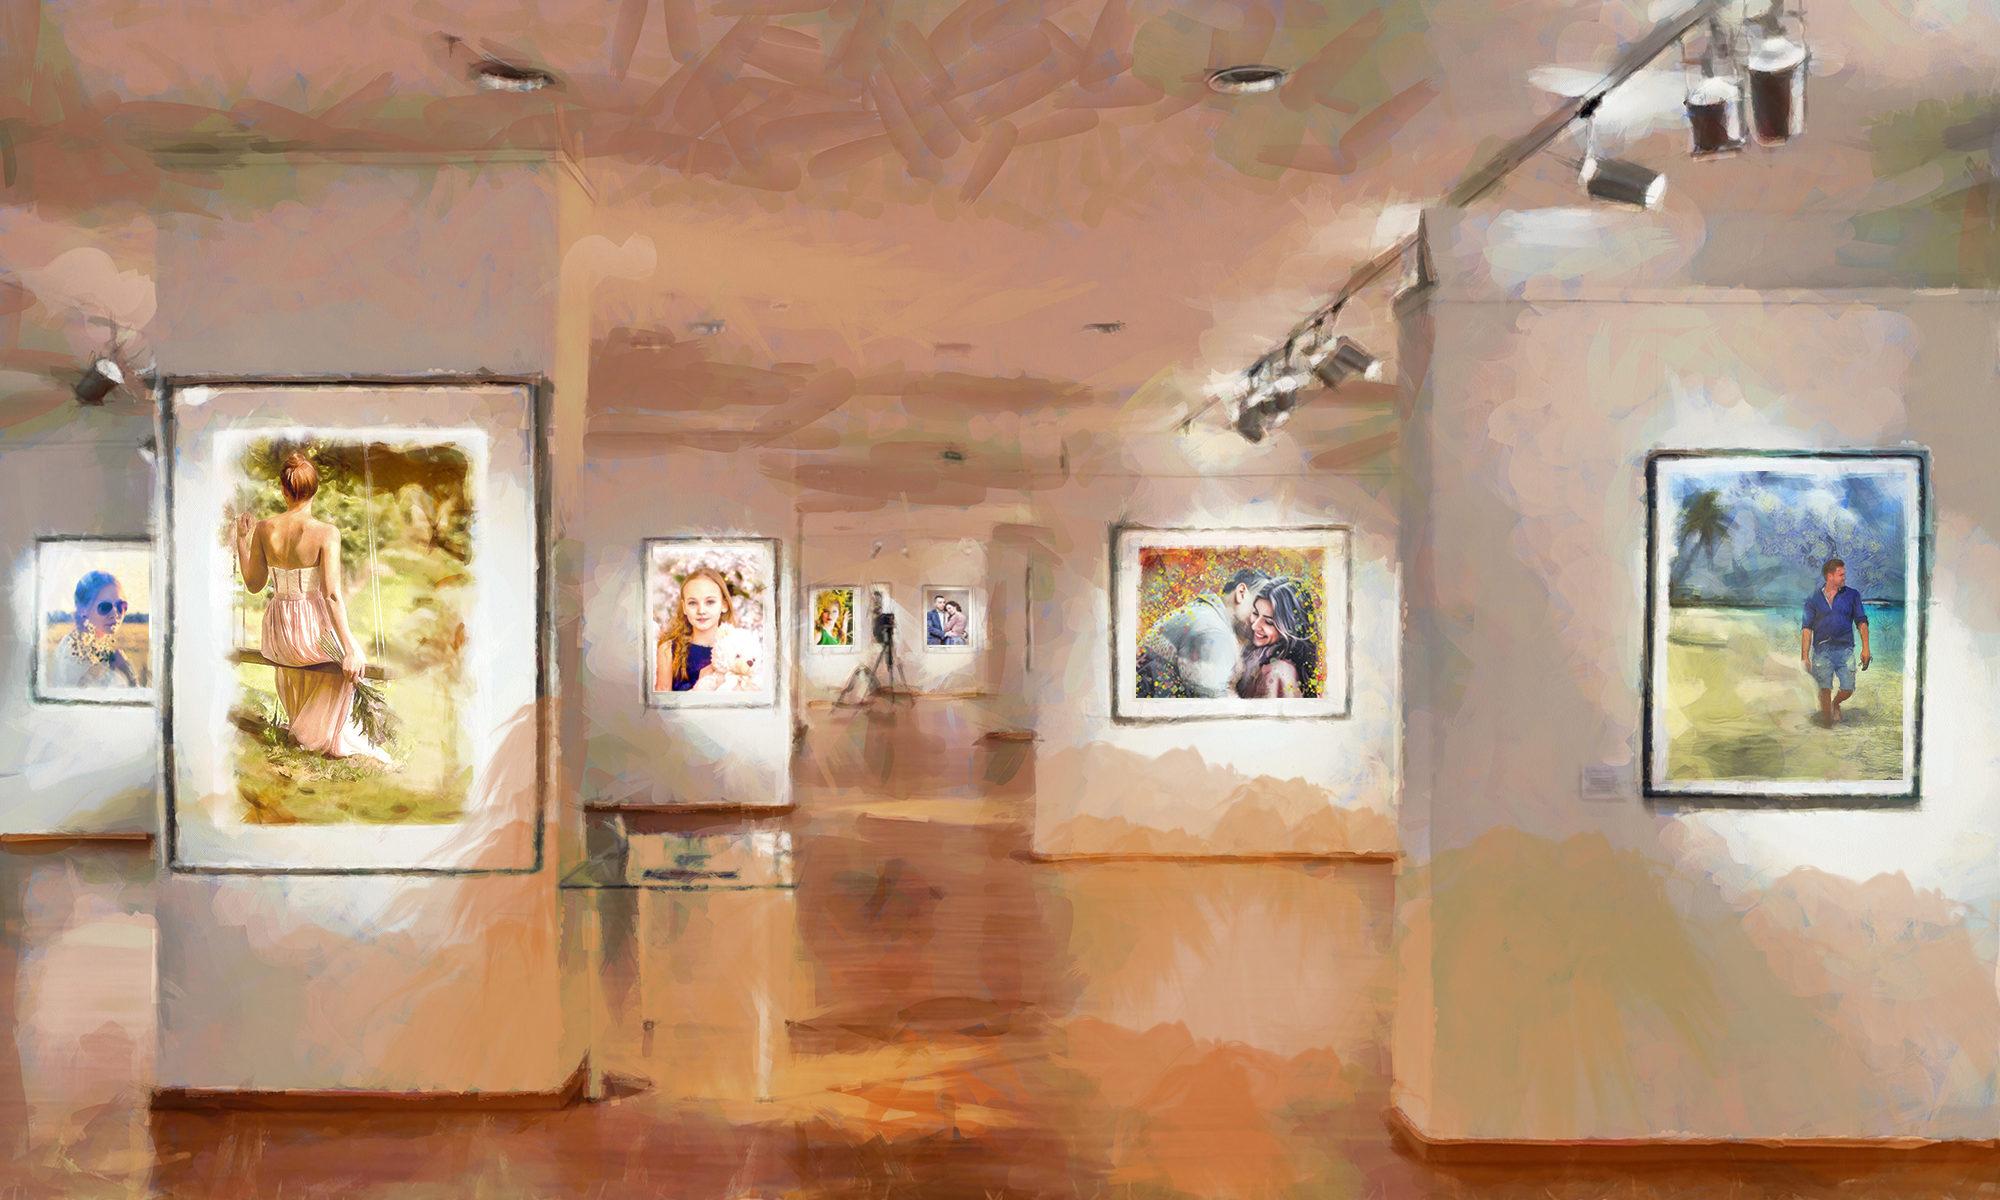 Печать фото на холсте │ Печать портретов на холсте │ Печать фотомозаик, коллажей, модульных картин и репродукций на холсте